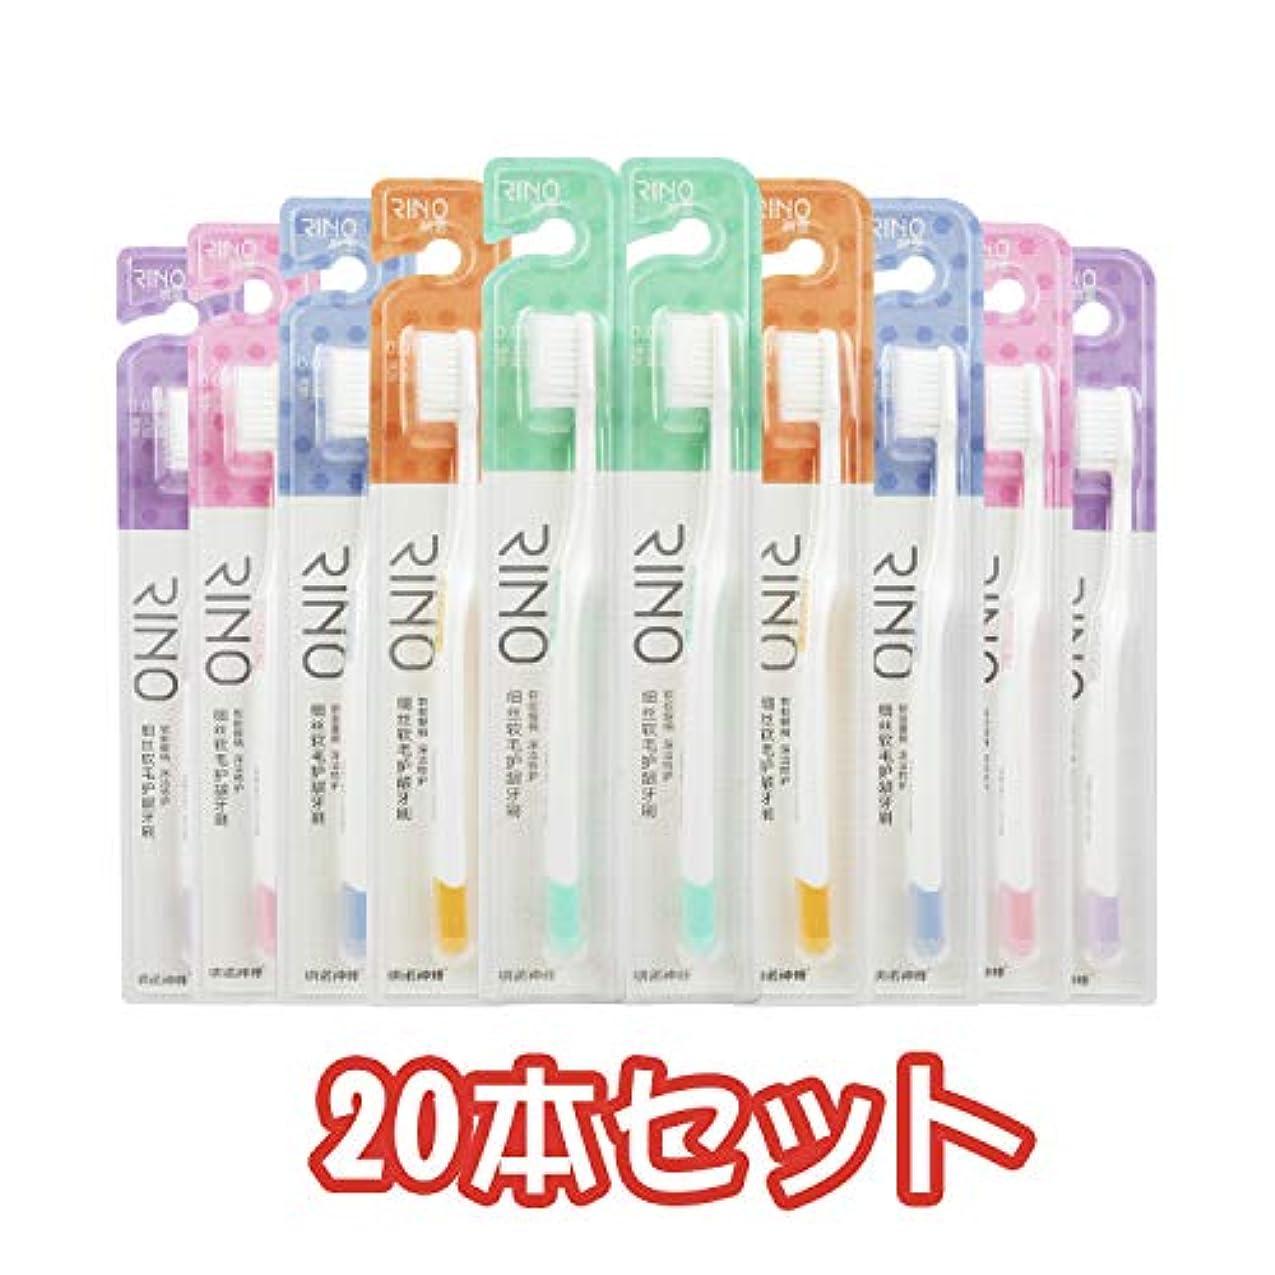 うなるパンフレット直感Nano 20本セット やわらかい 歯ブラシ 大人用 耐久性 旅行用 子供 卸売価格 安い歯ブラシ